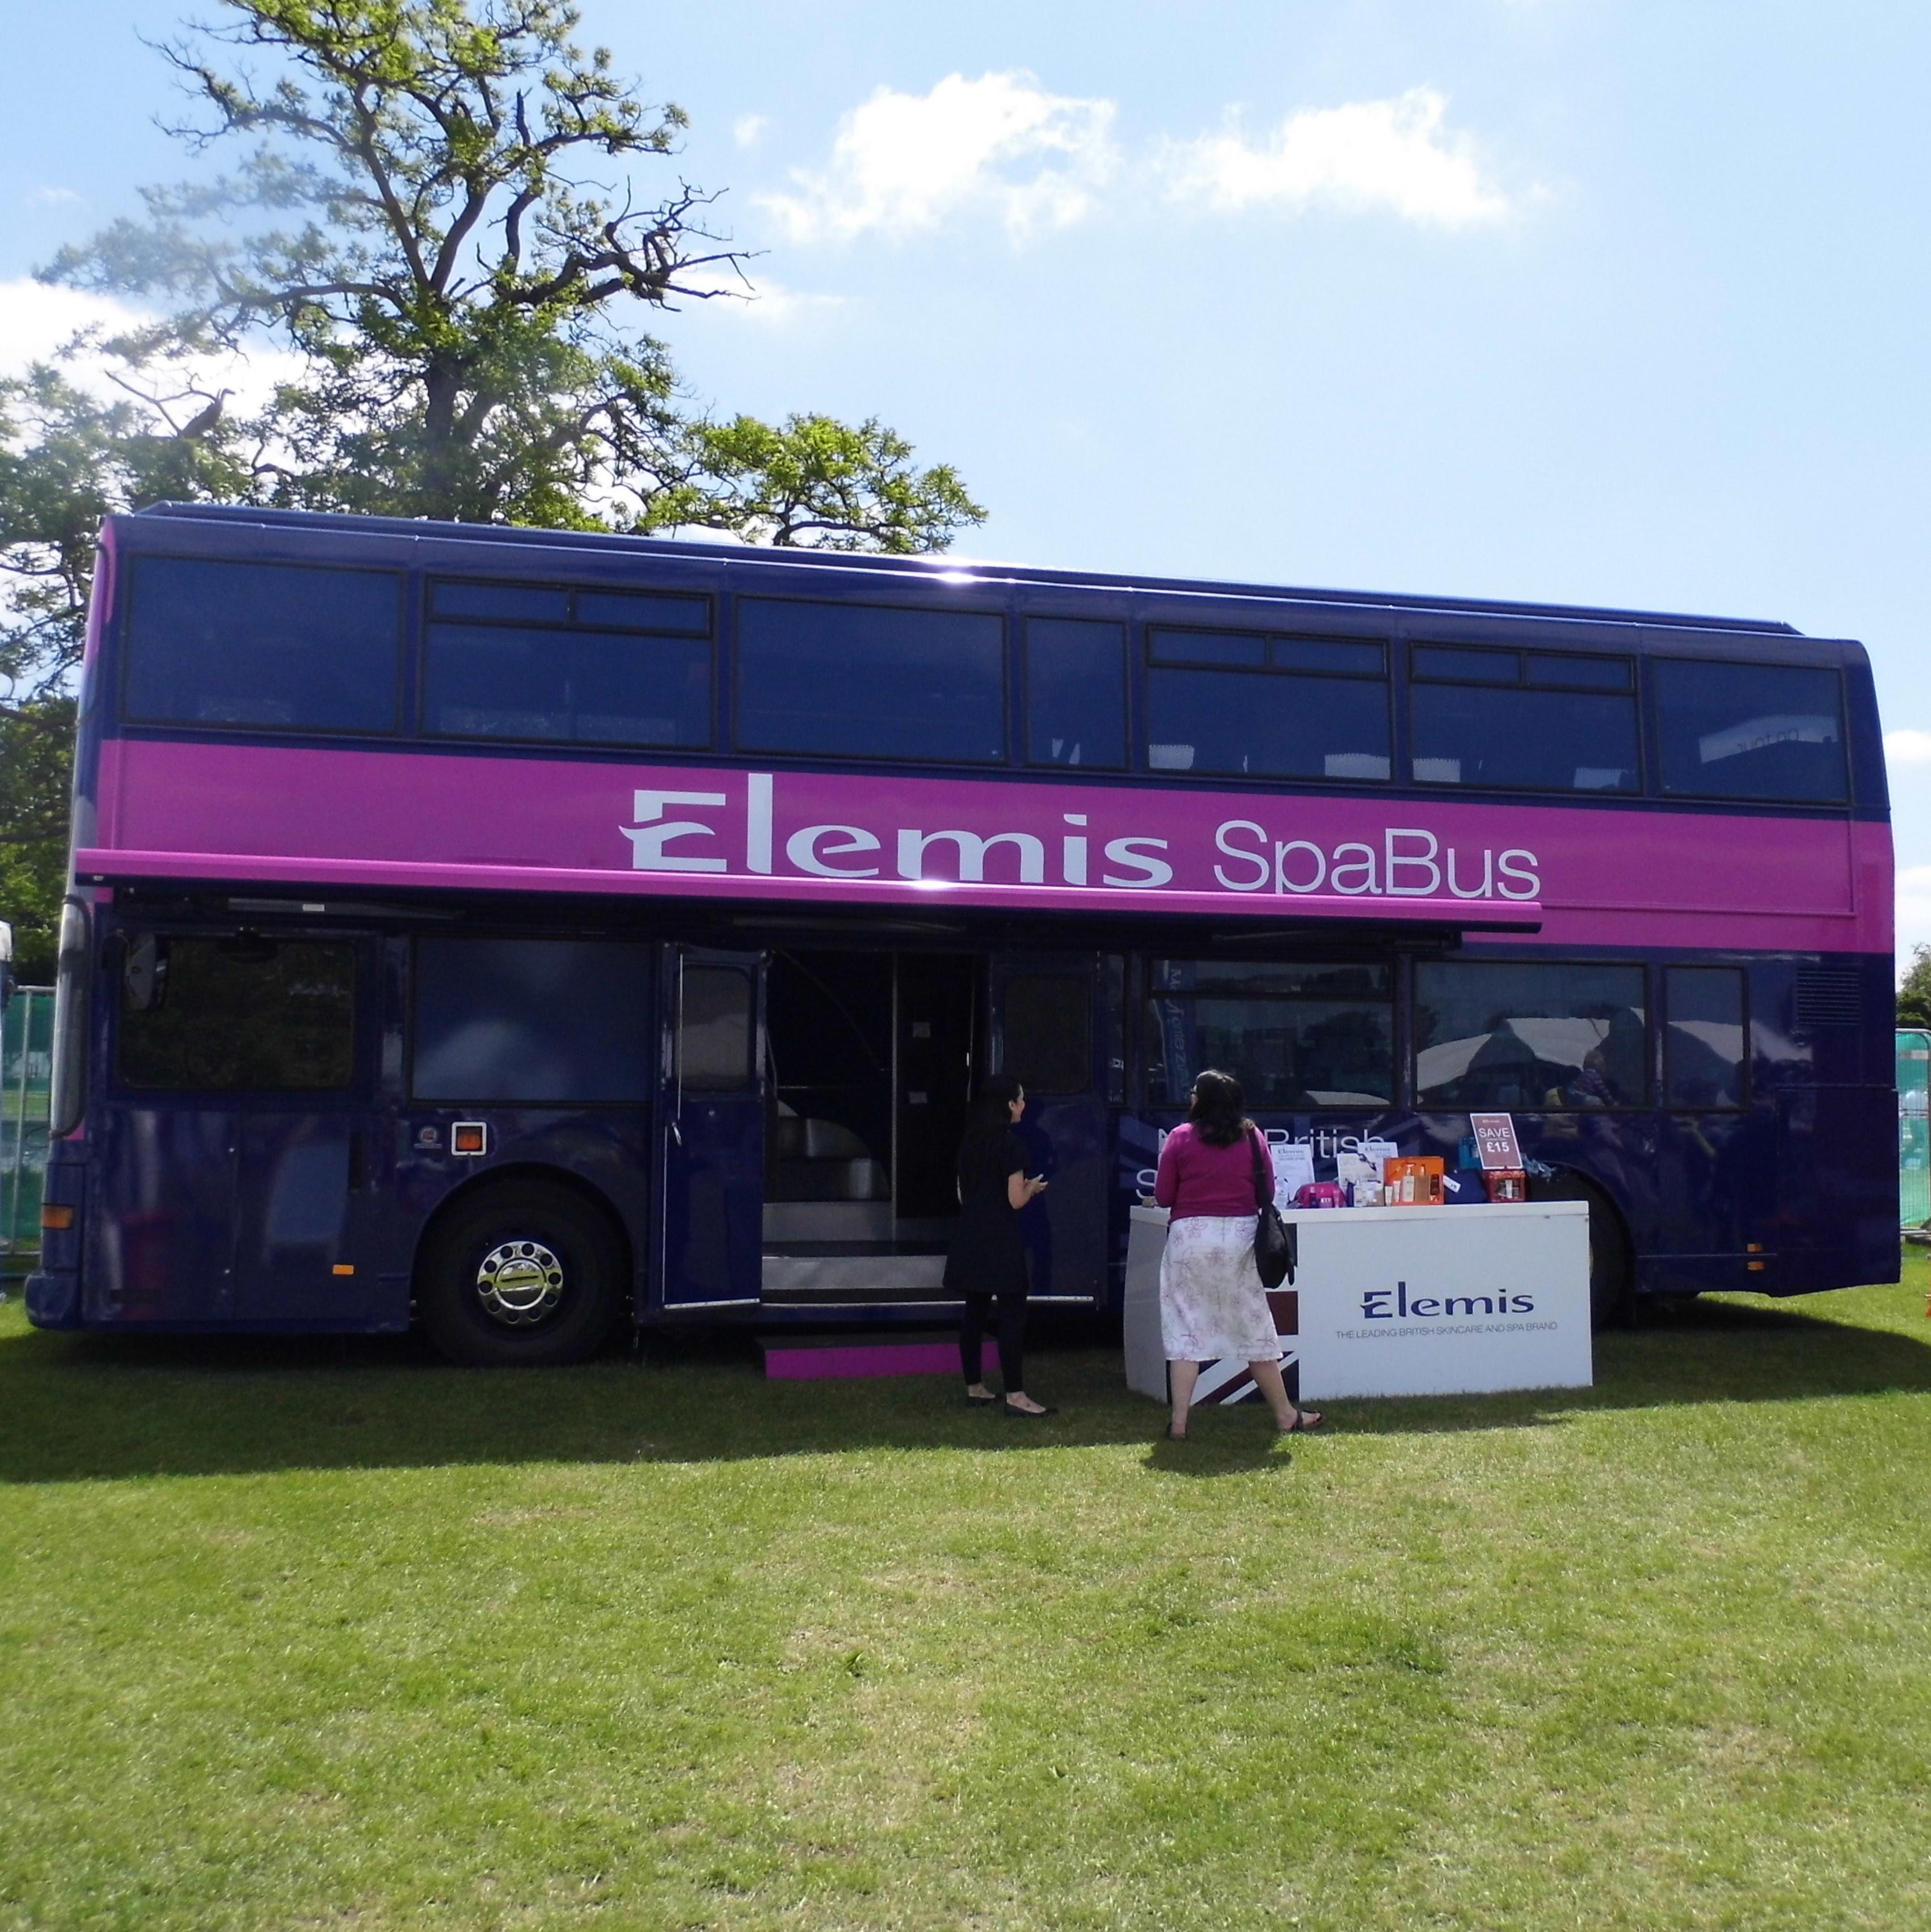 Clapham Common Foodies Fest Elemis Spa Bus